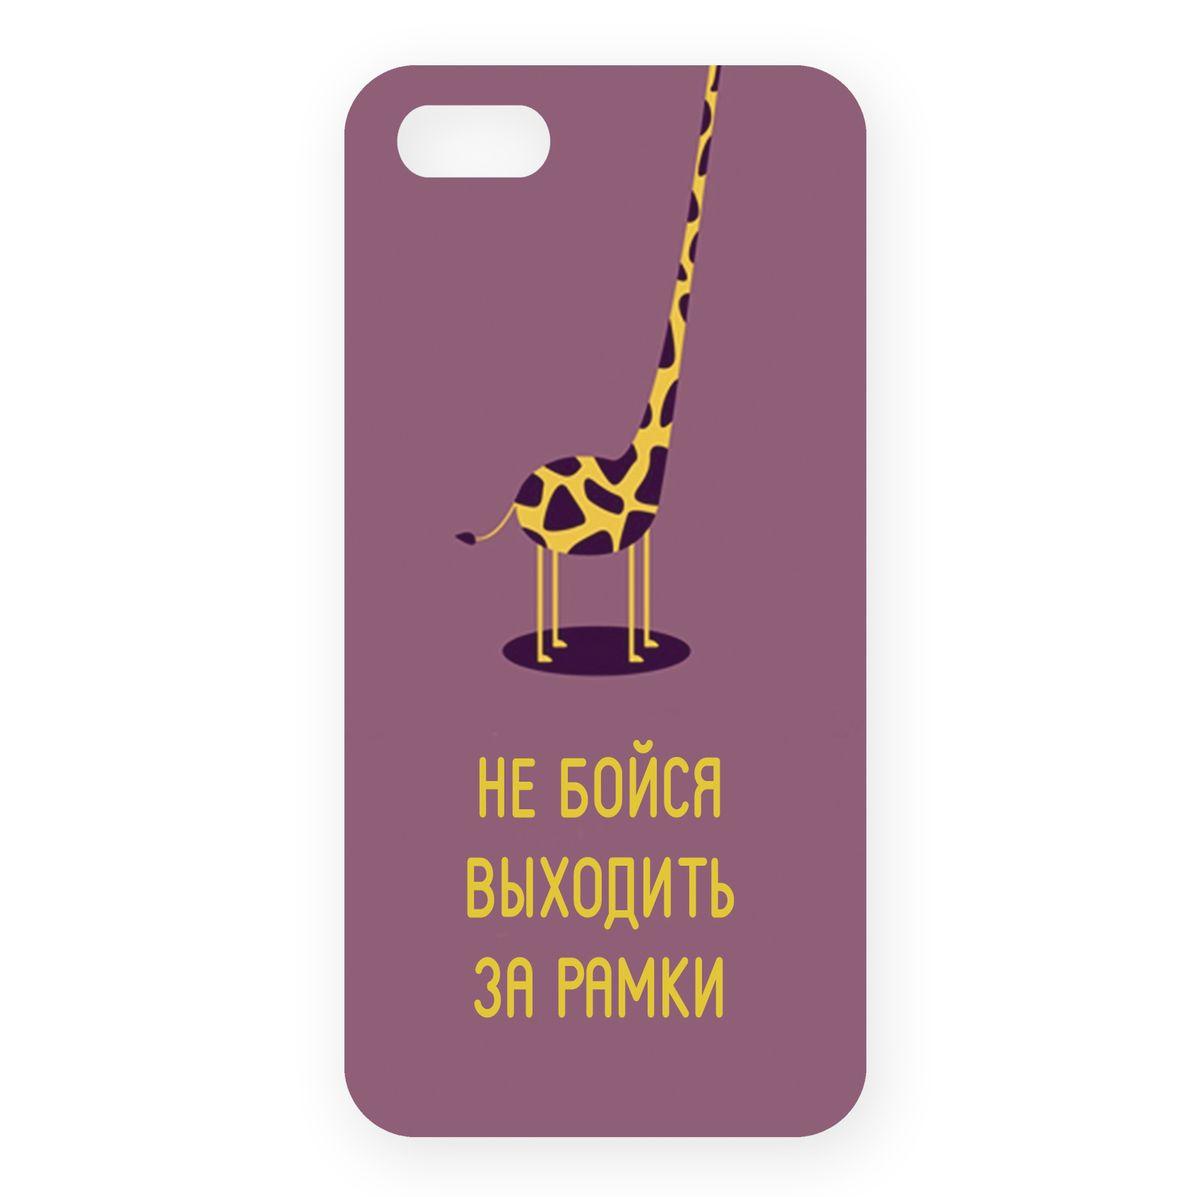 Mitya Veselkov Жираф-смельчак чехол для Apple iPhone 5/5sIP5.MITYA-225Превосходный чехол для Apple iPhone 5 - для любителей заметных аксессуаров. Накладка придаст Вашему телефону индивидуальность и послужит прекрасной защитой от ударов и царапин.